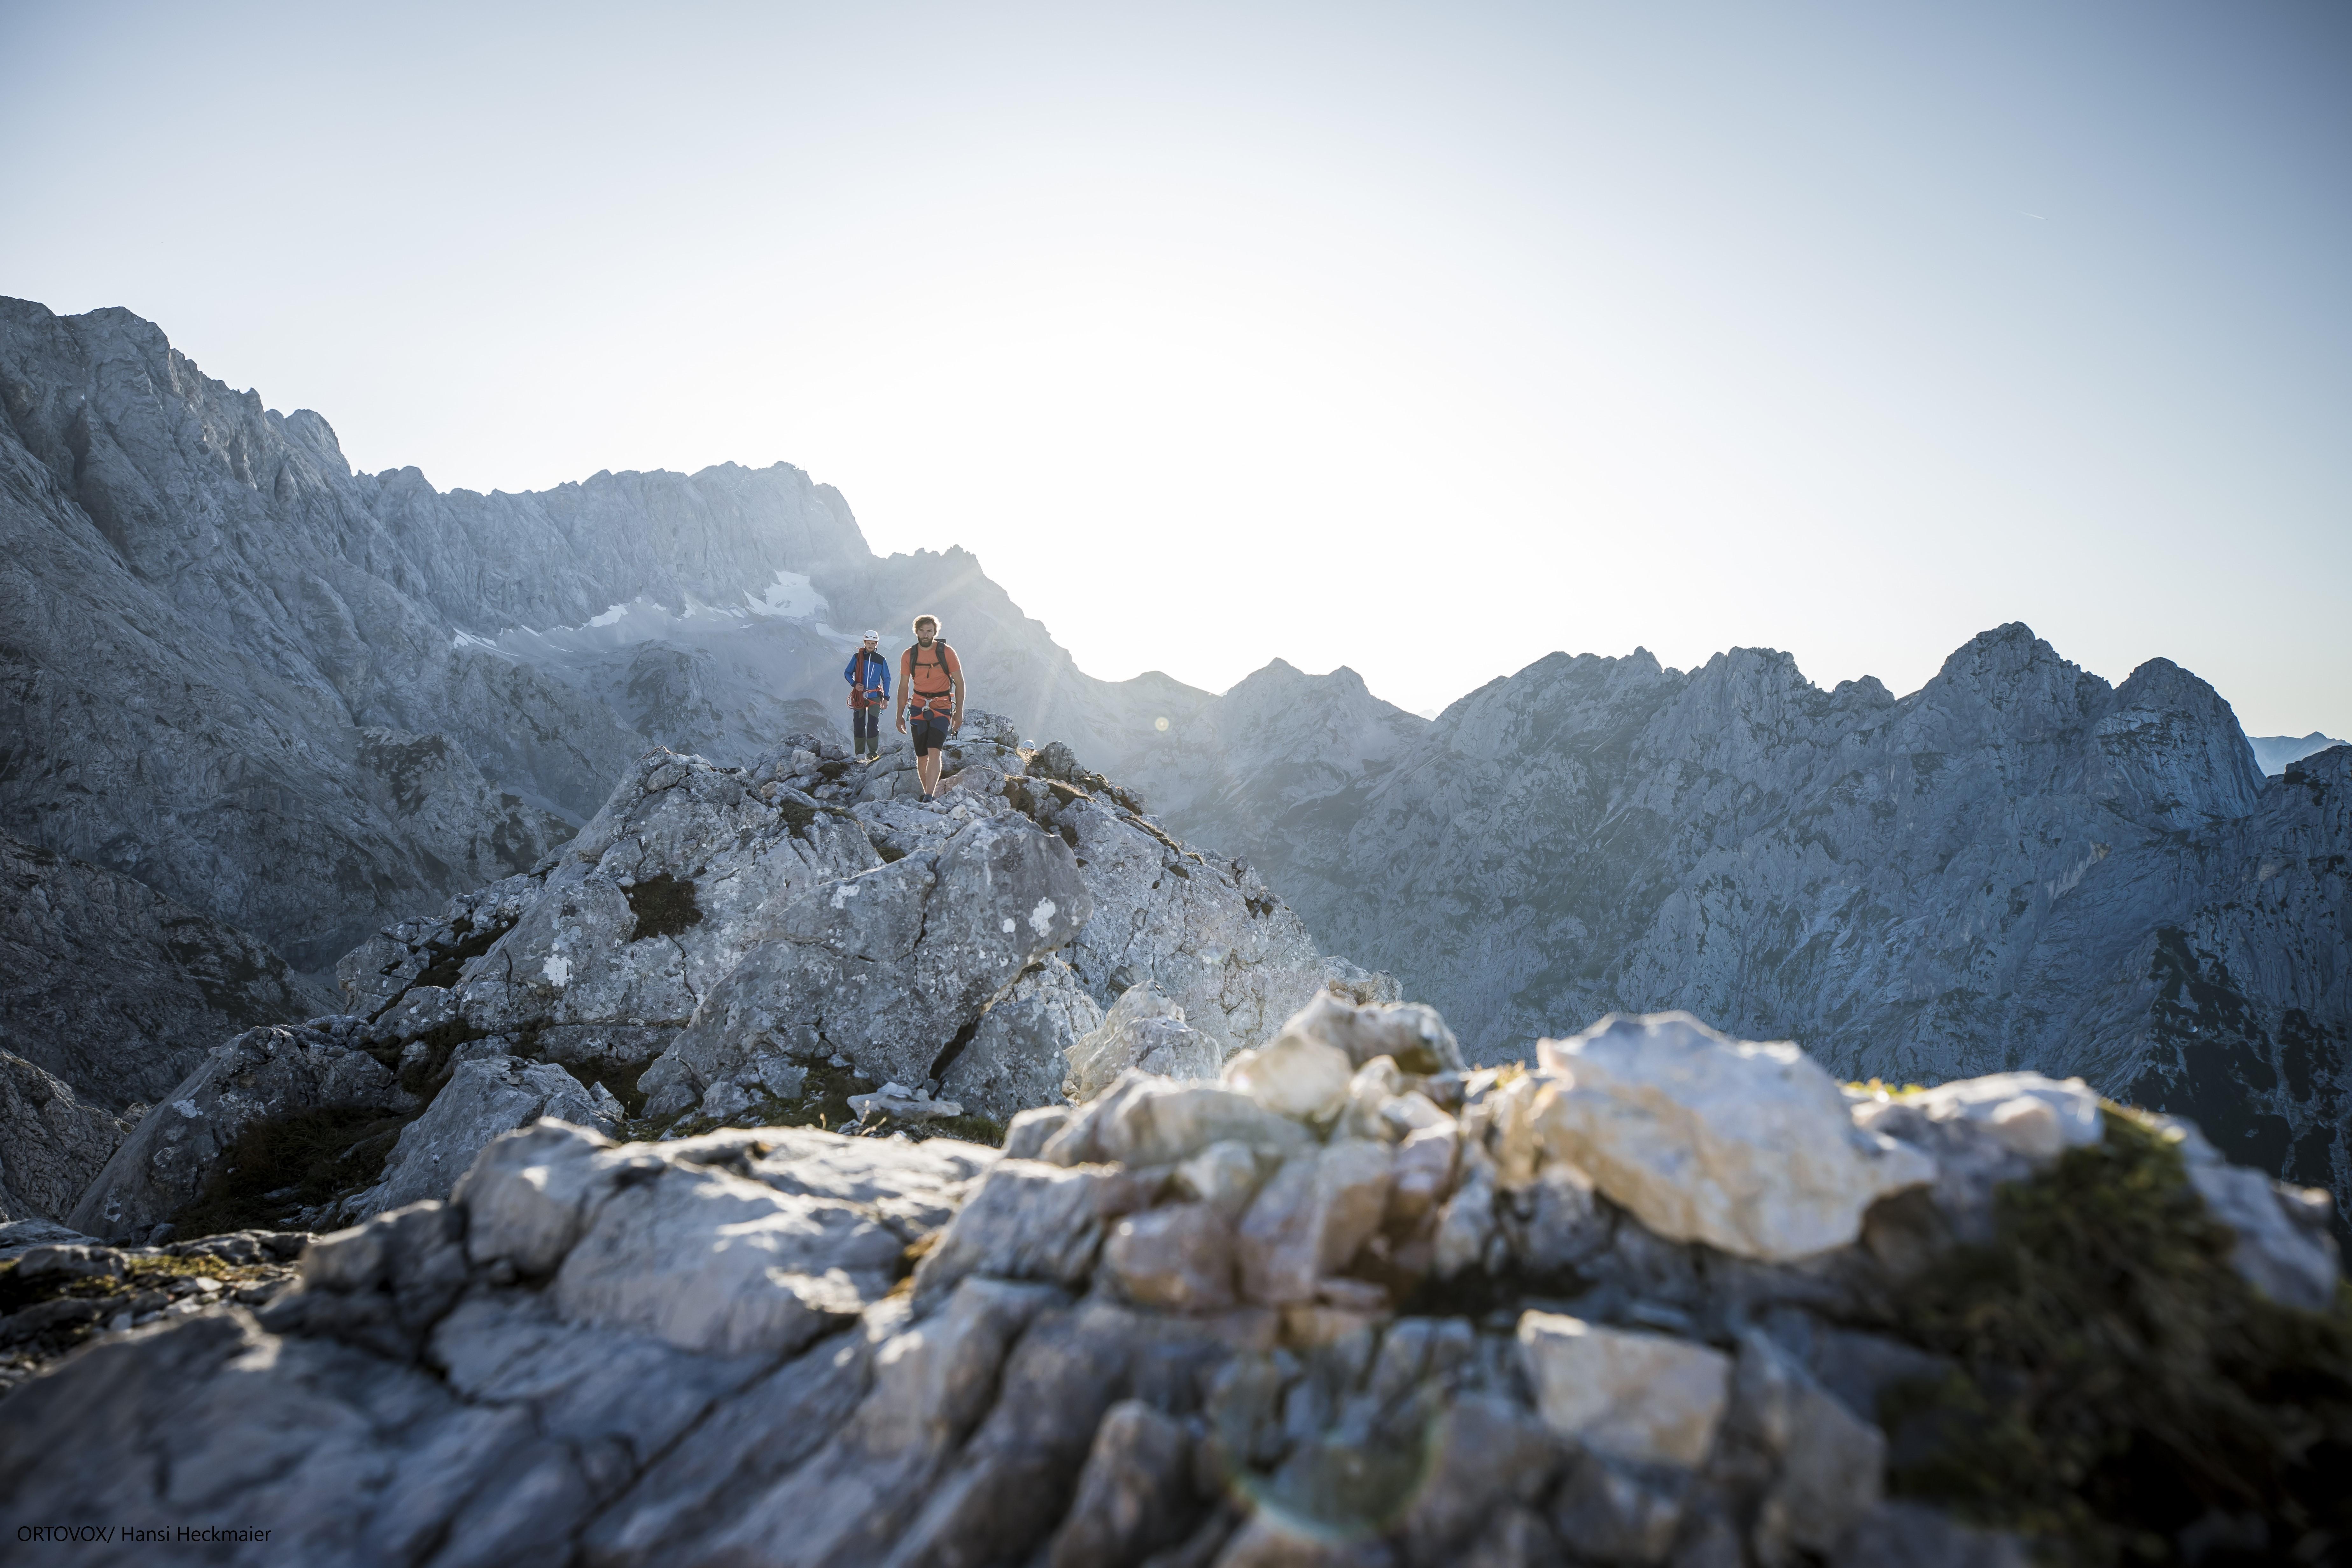 Z6A1825_CLIMBING_S21_Alpspitze_HansiHeckmair_HiRes.jpg